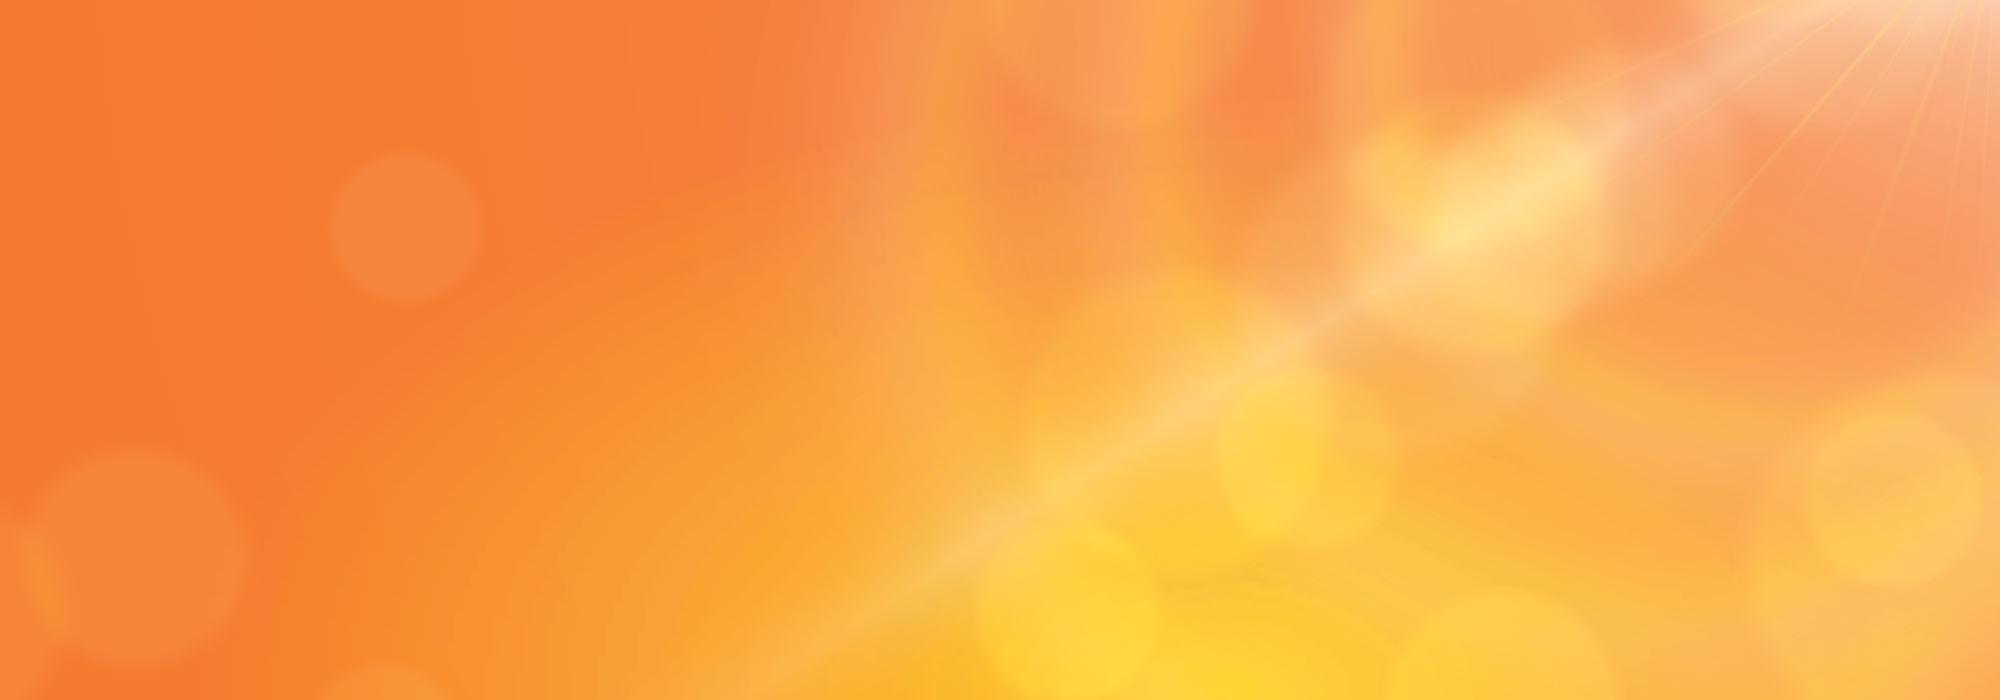 https://www.solargain.com.au/sites/default/files/revslider/image/chill-bg.jpg